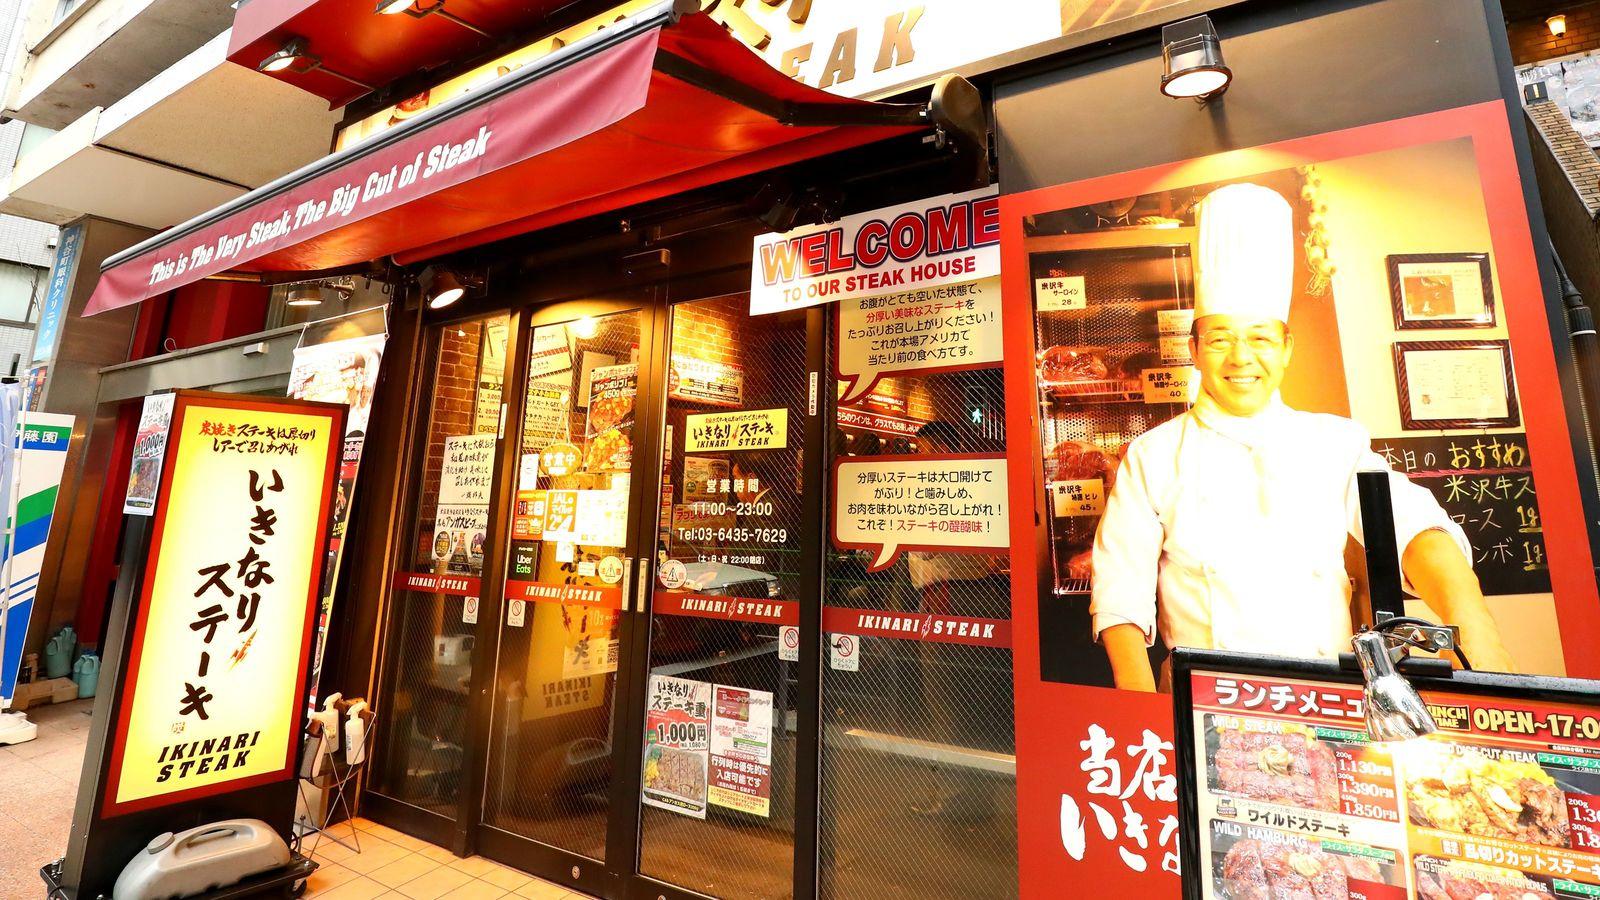 ガストより安い「いきなり!ステーキ」が高すぎると避けられるワケ 6年で約4割も値上げしたツケ